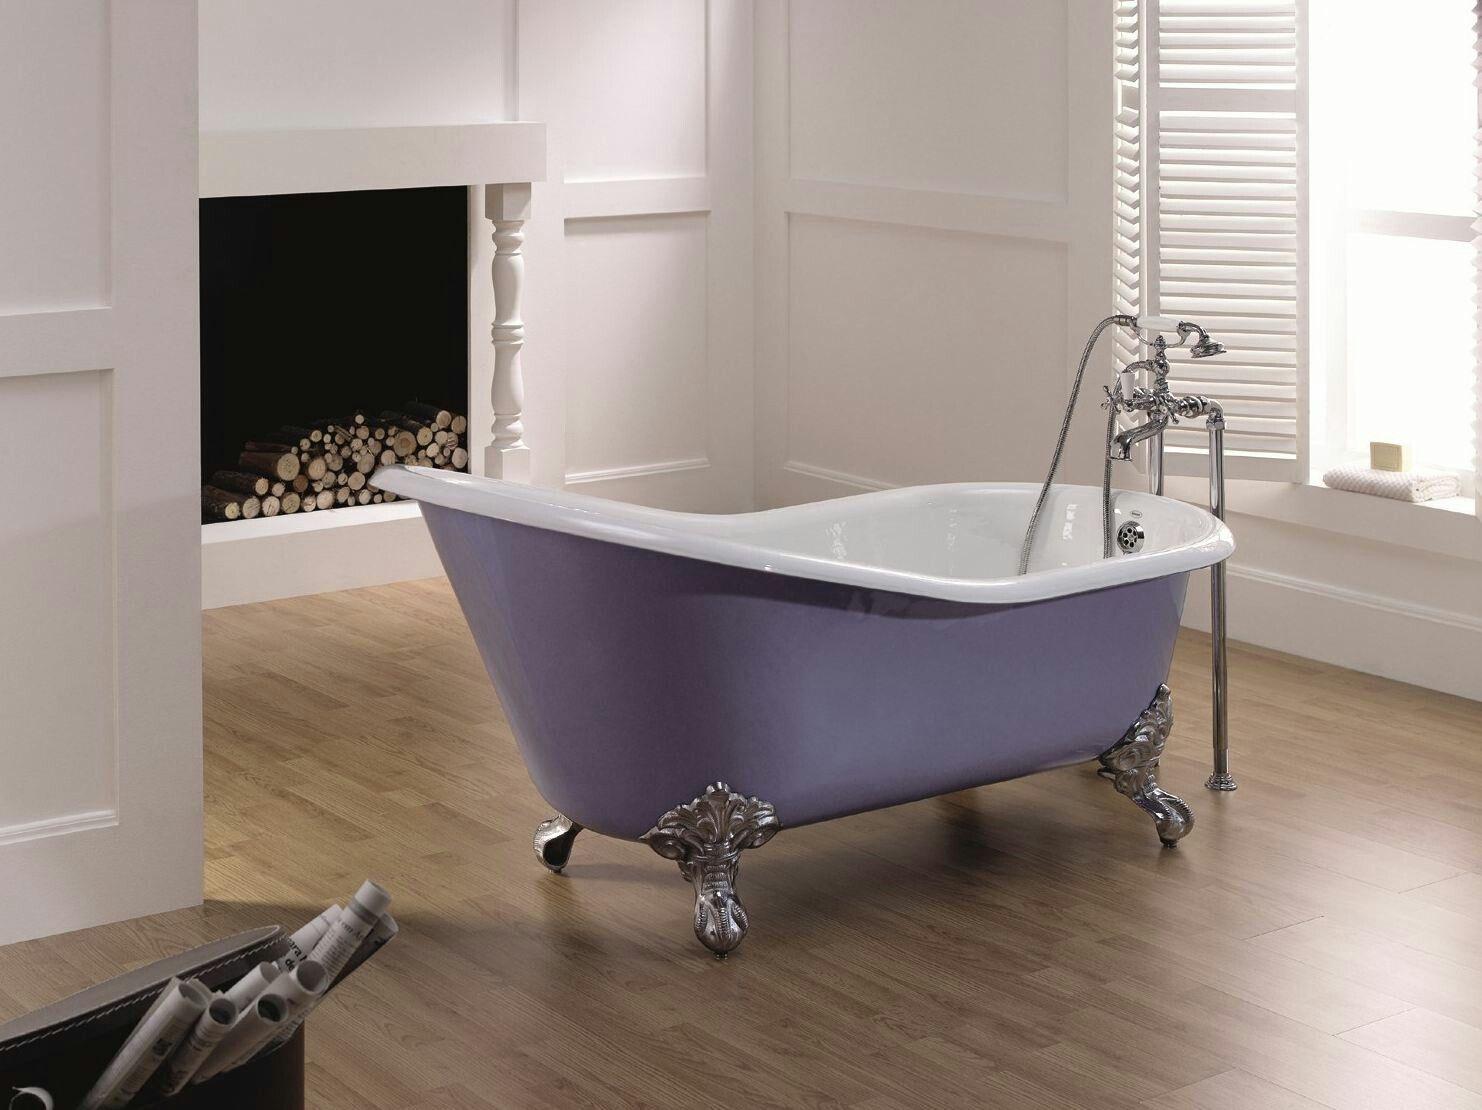 Vasca Da Bagno Vintage : Vasche da bagno con piedi vasche da bagno piccole ikea xw